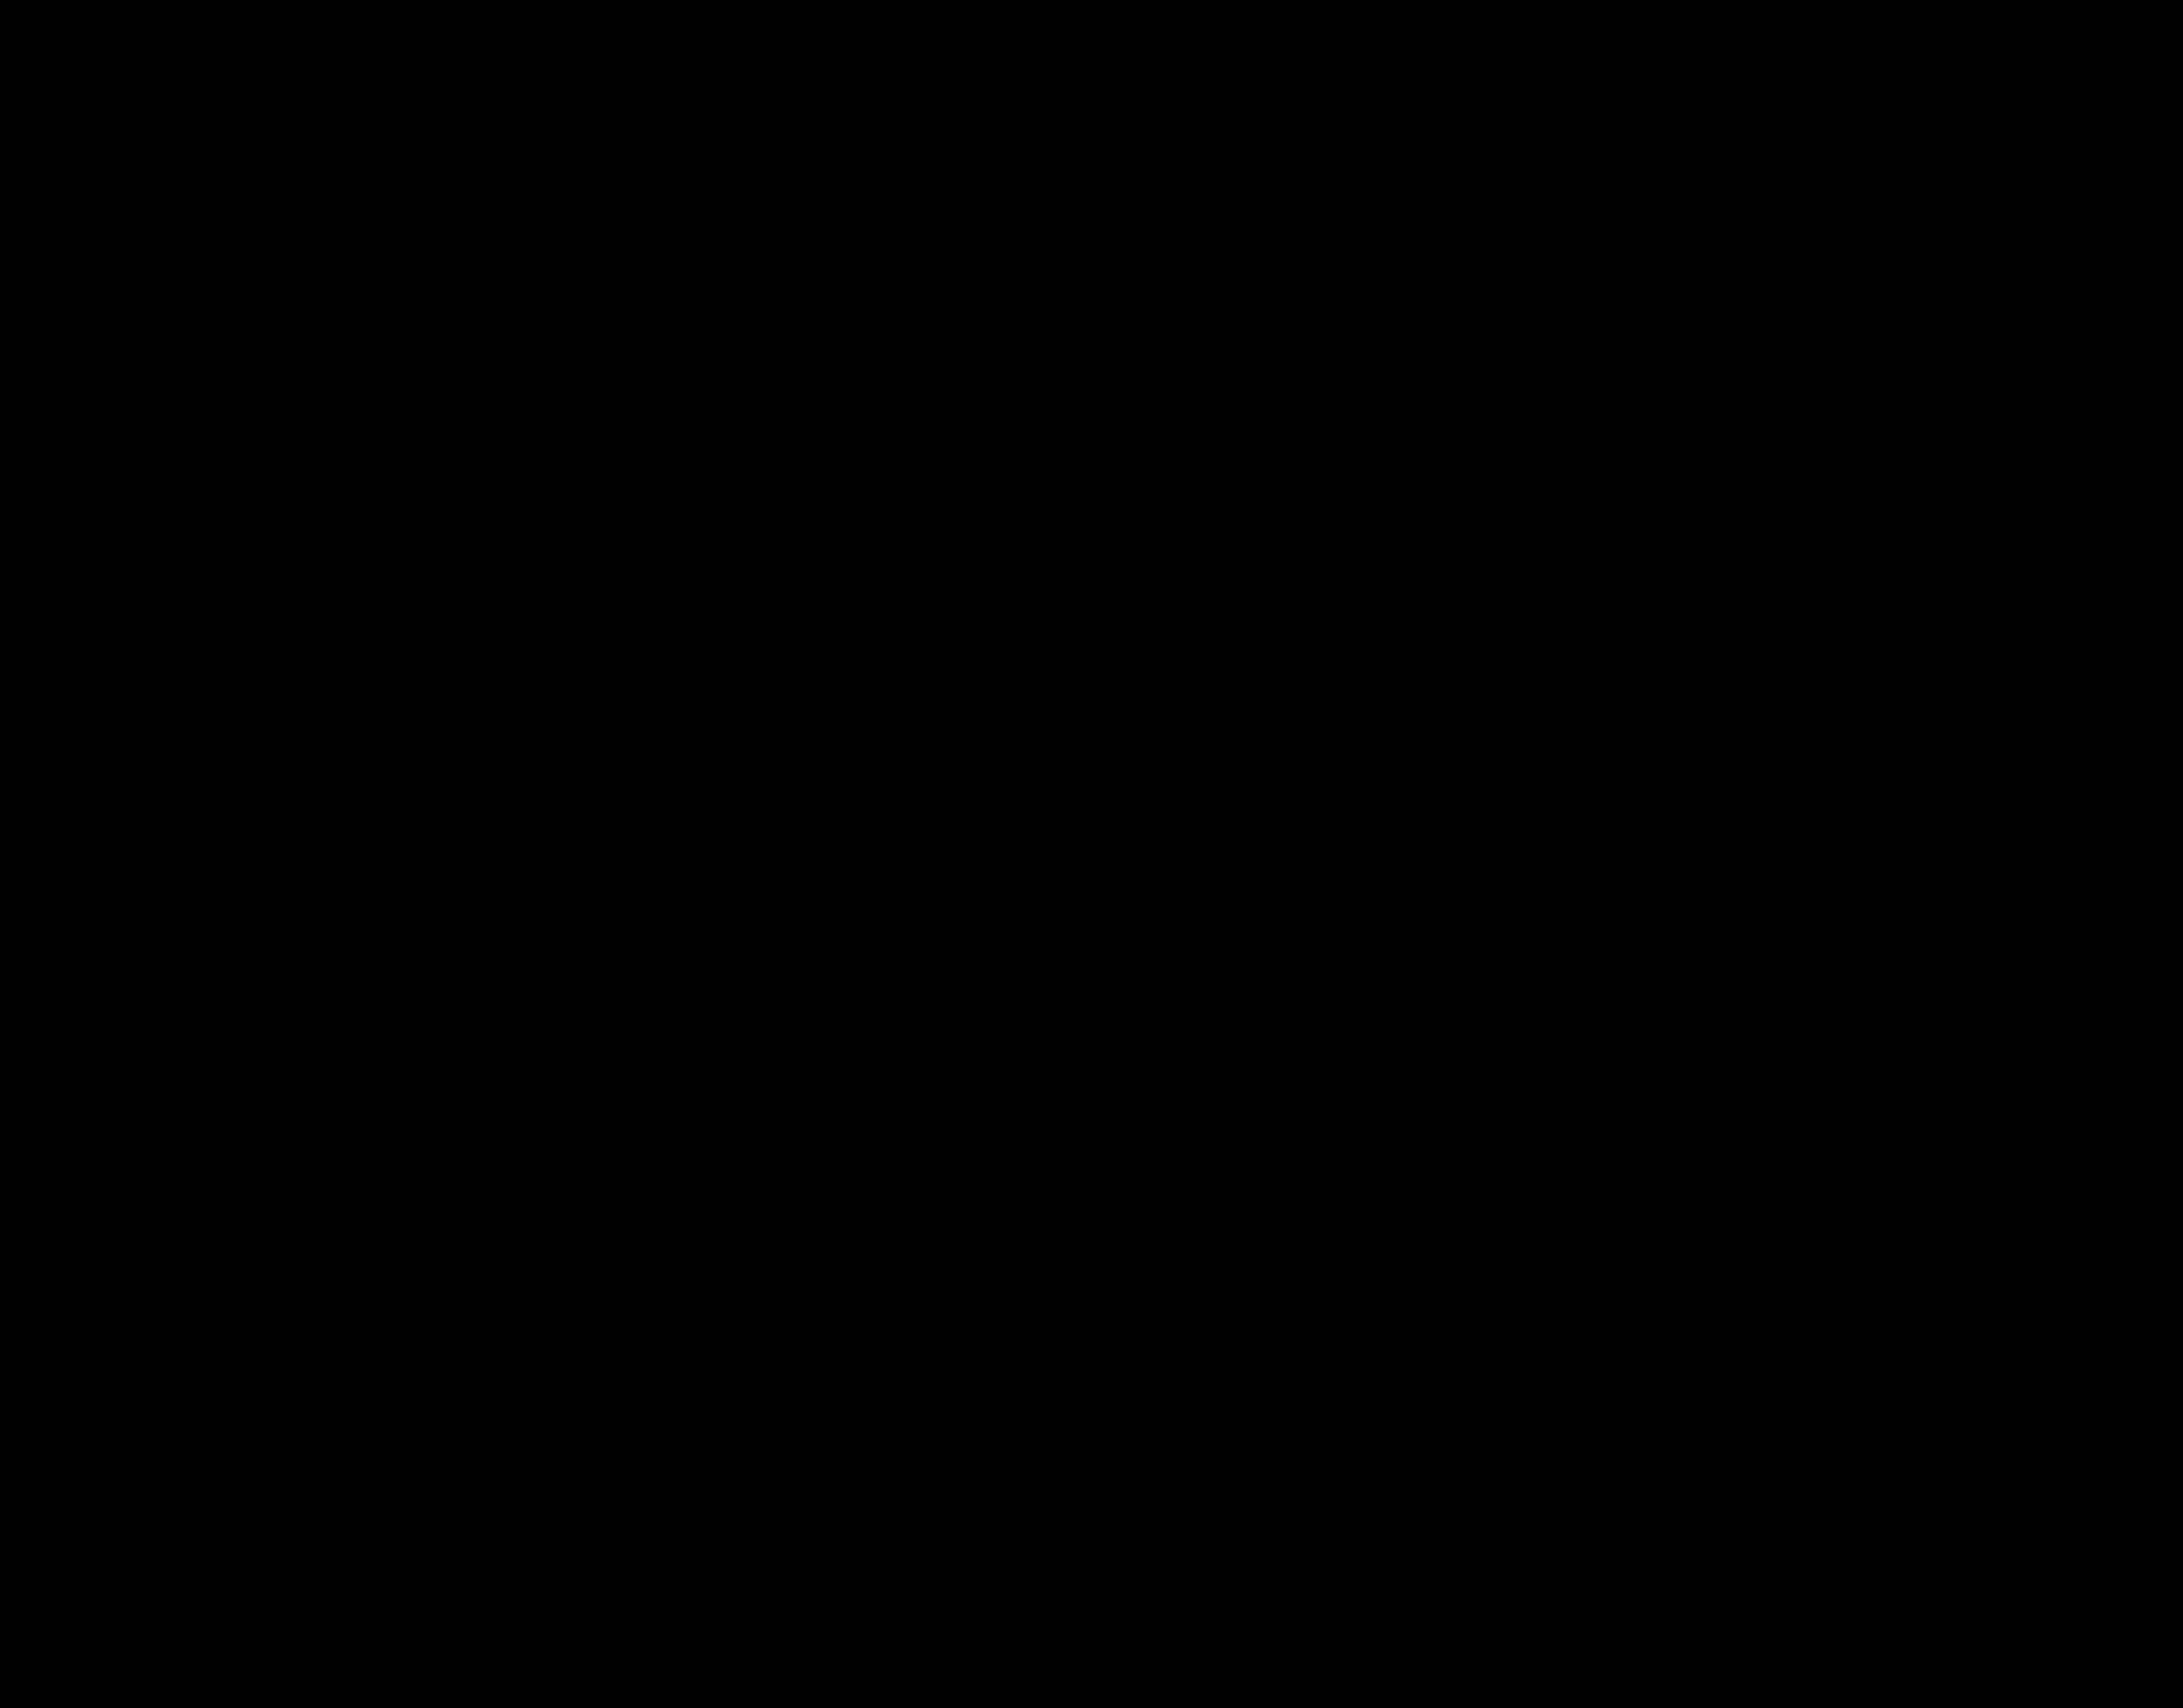 SLC Spring 2015 Mentors